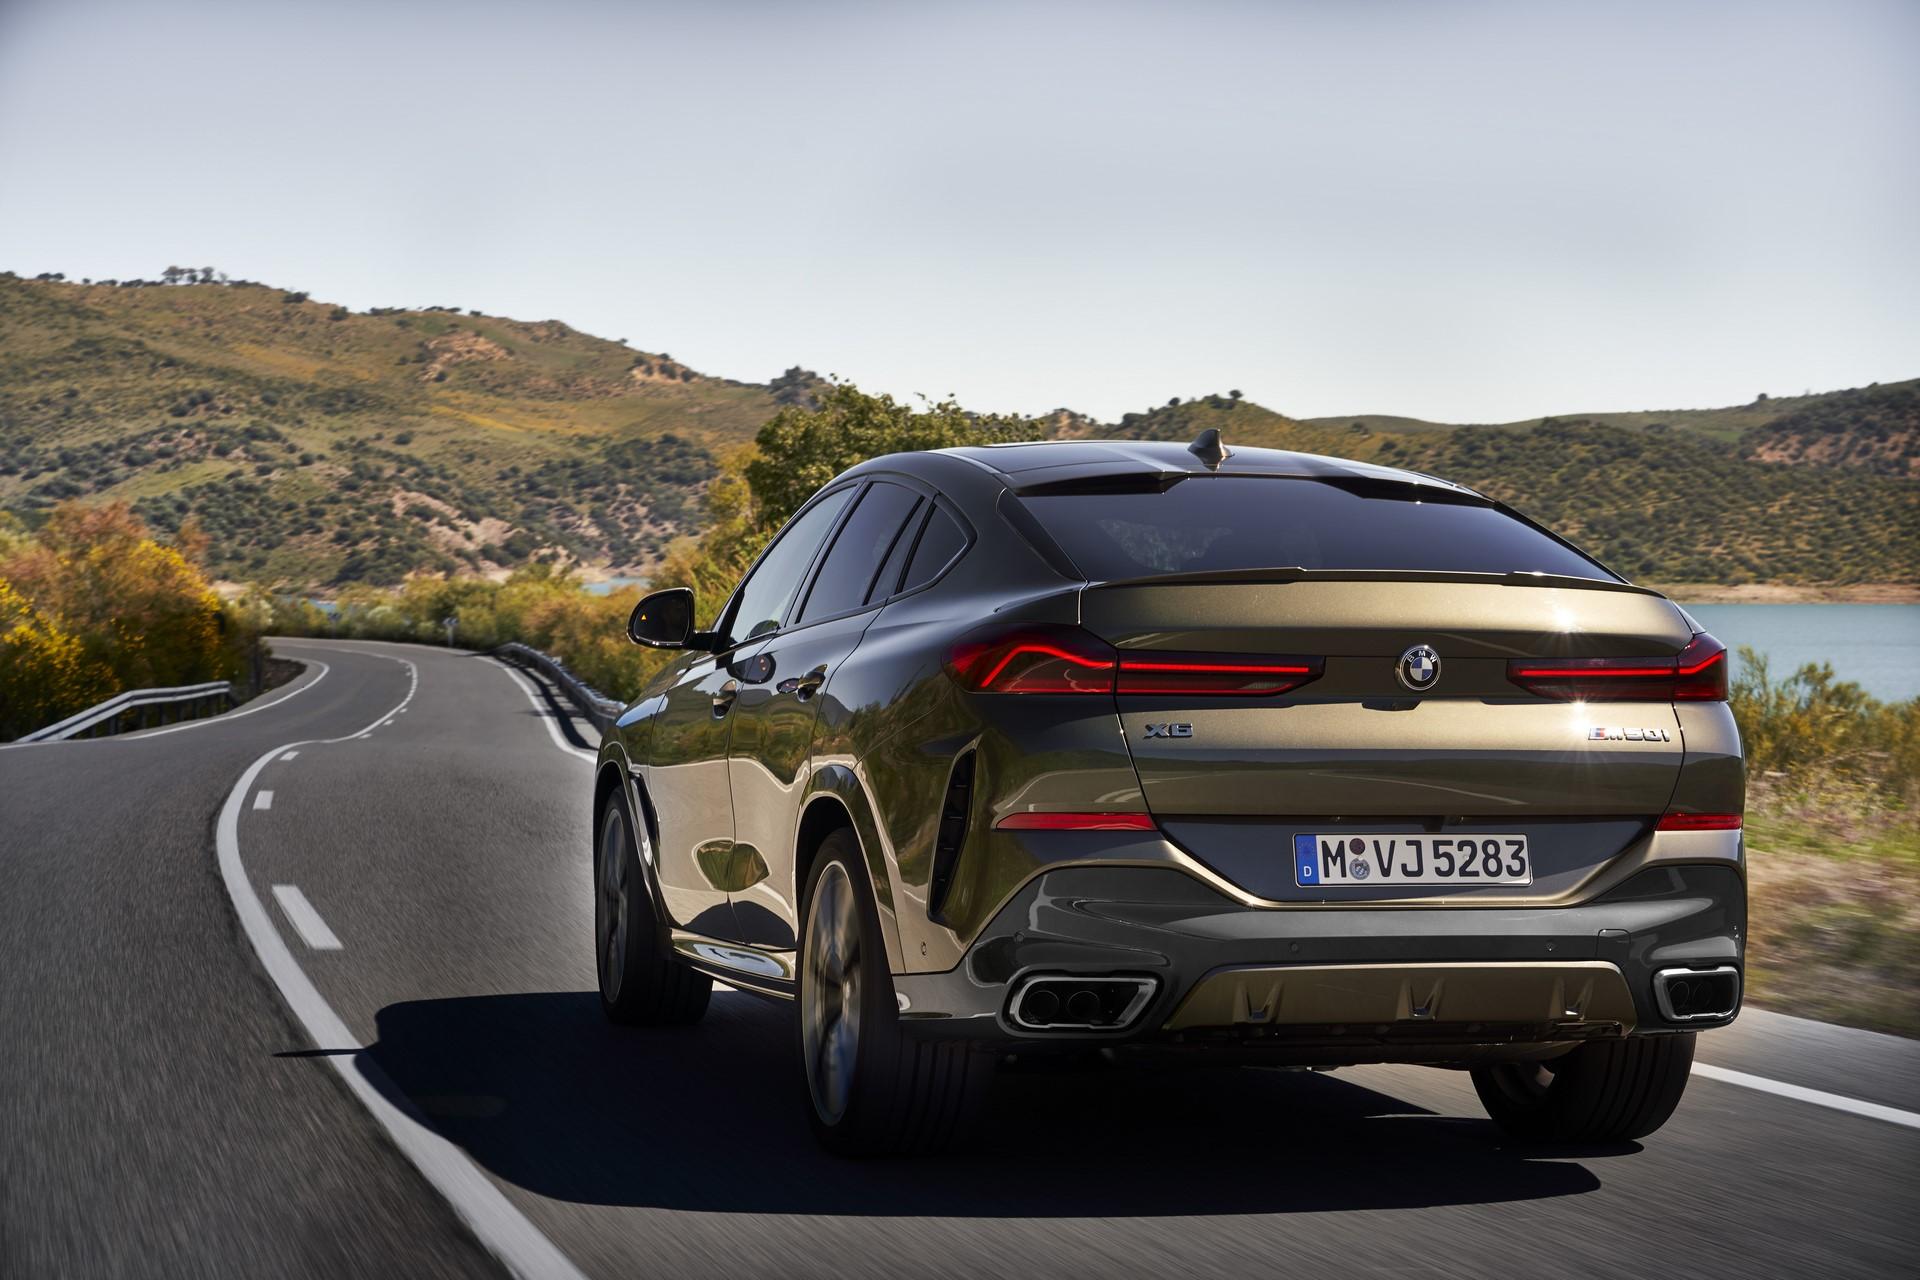 BMW-X6-2020-24